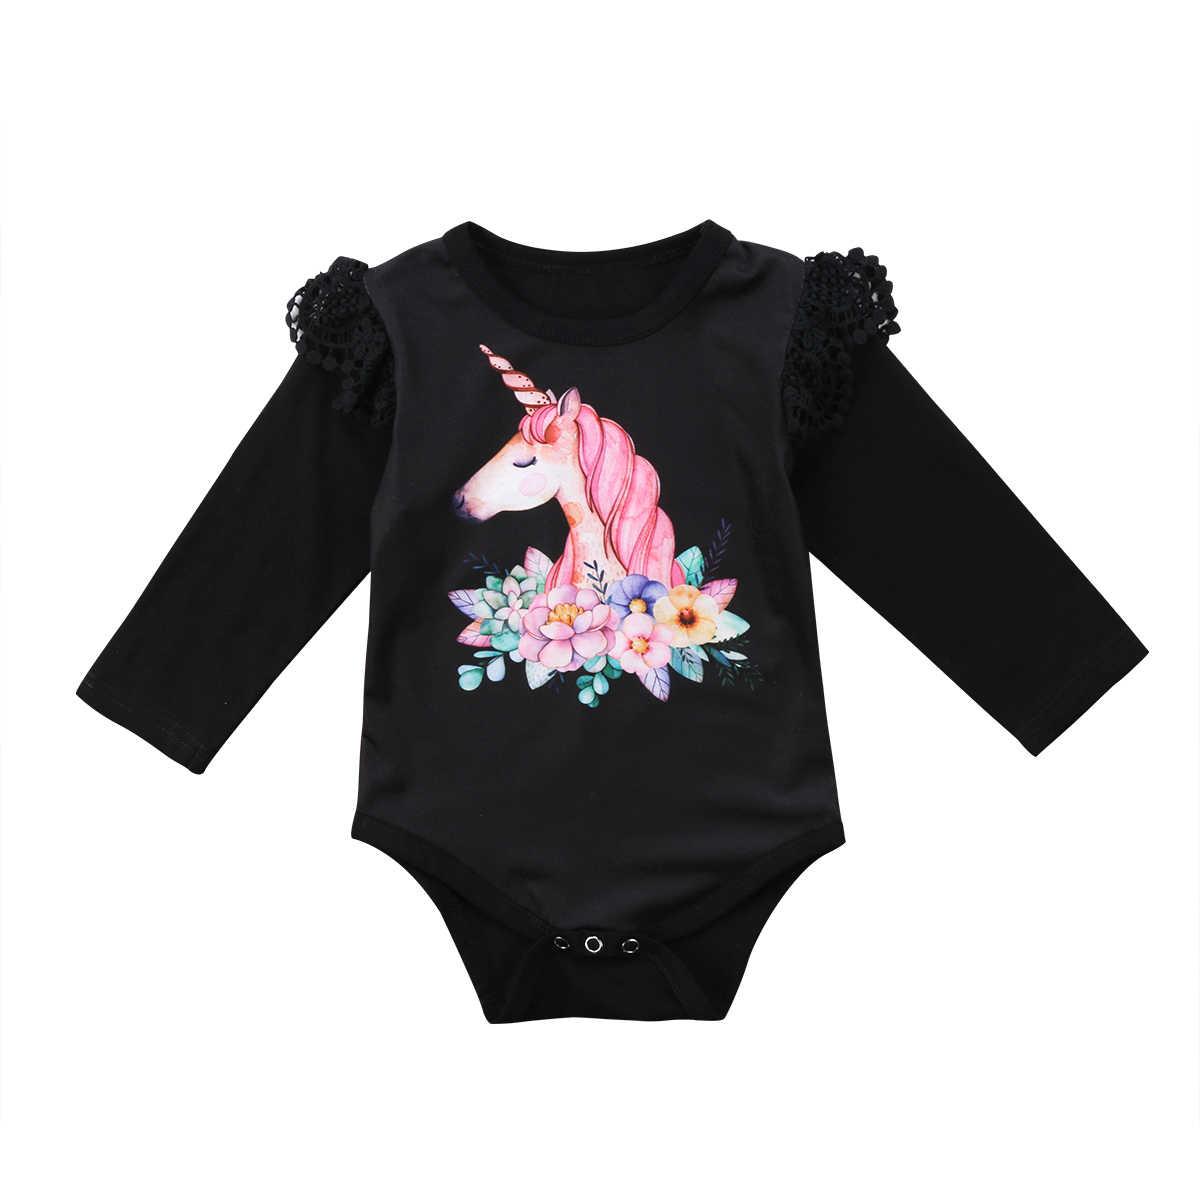 01c944099 Bebé Niñas Ropa Infantil bebé de manga larga de las niñas unicornio mono  mameluco bebés trajes